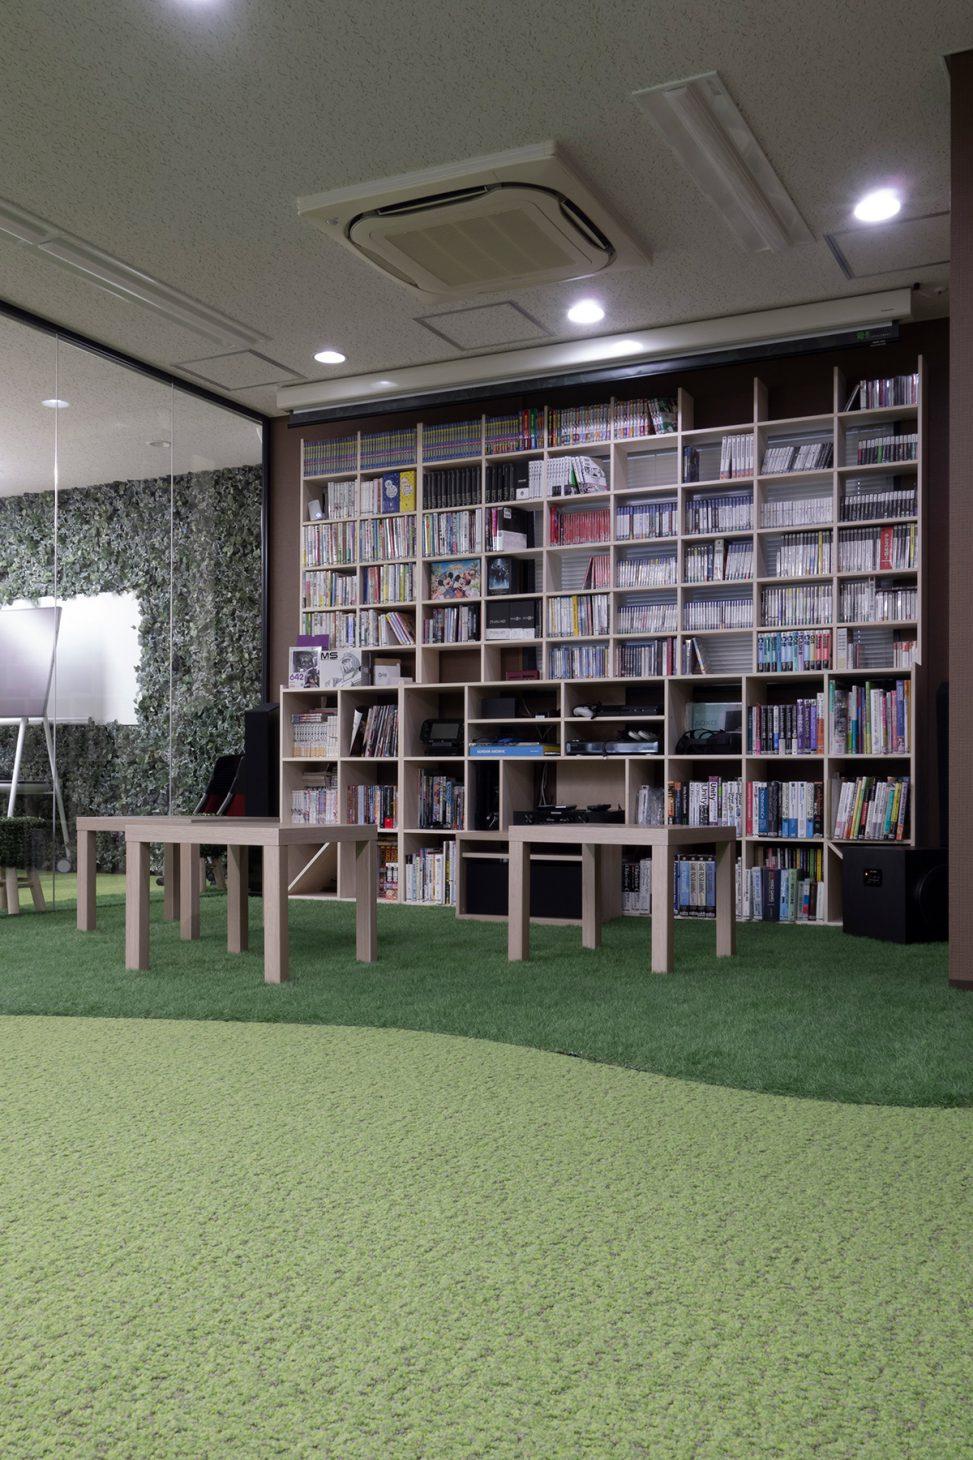 社内にある子供も遊べる資料棚 | カウンター付き本棚 / Shelf (No.32) | マルゲリータ使用例